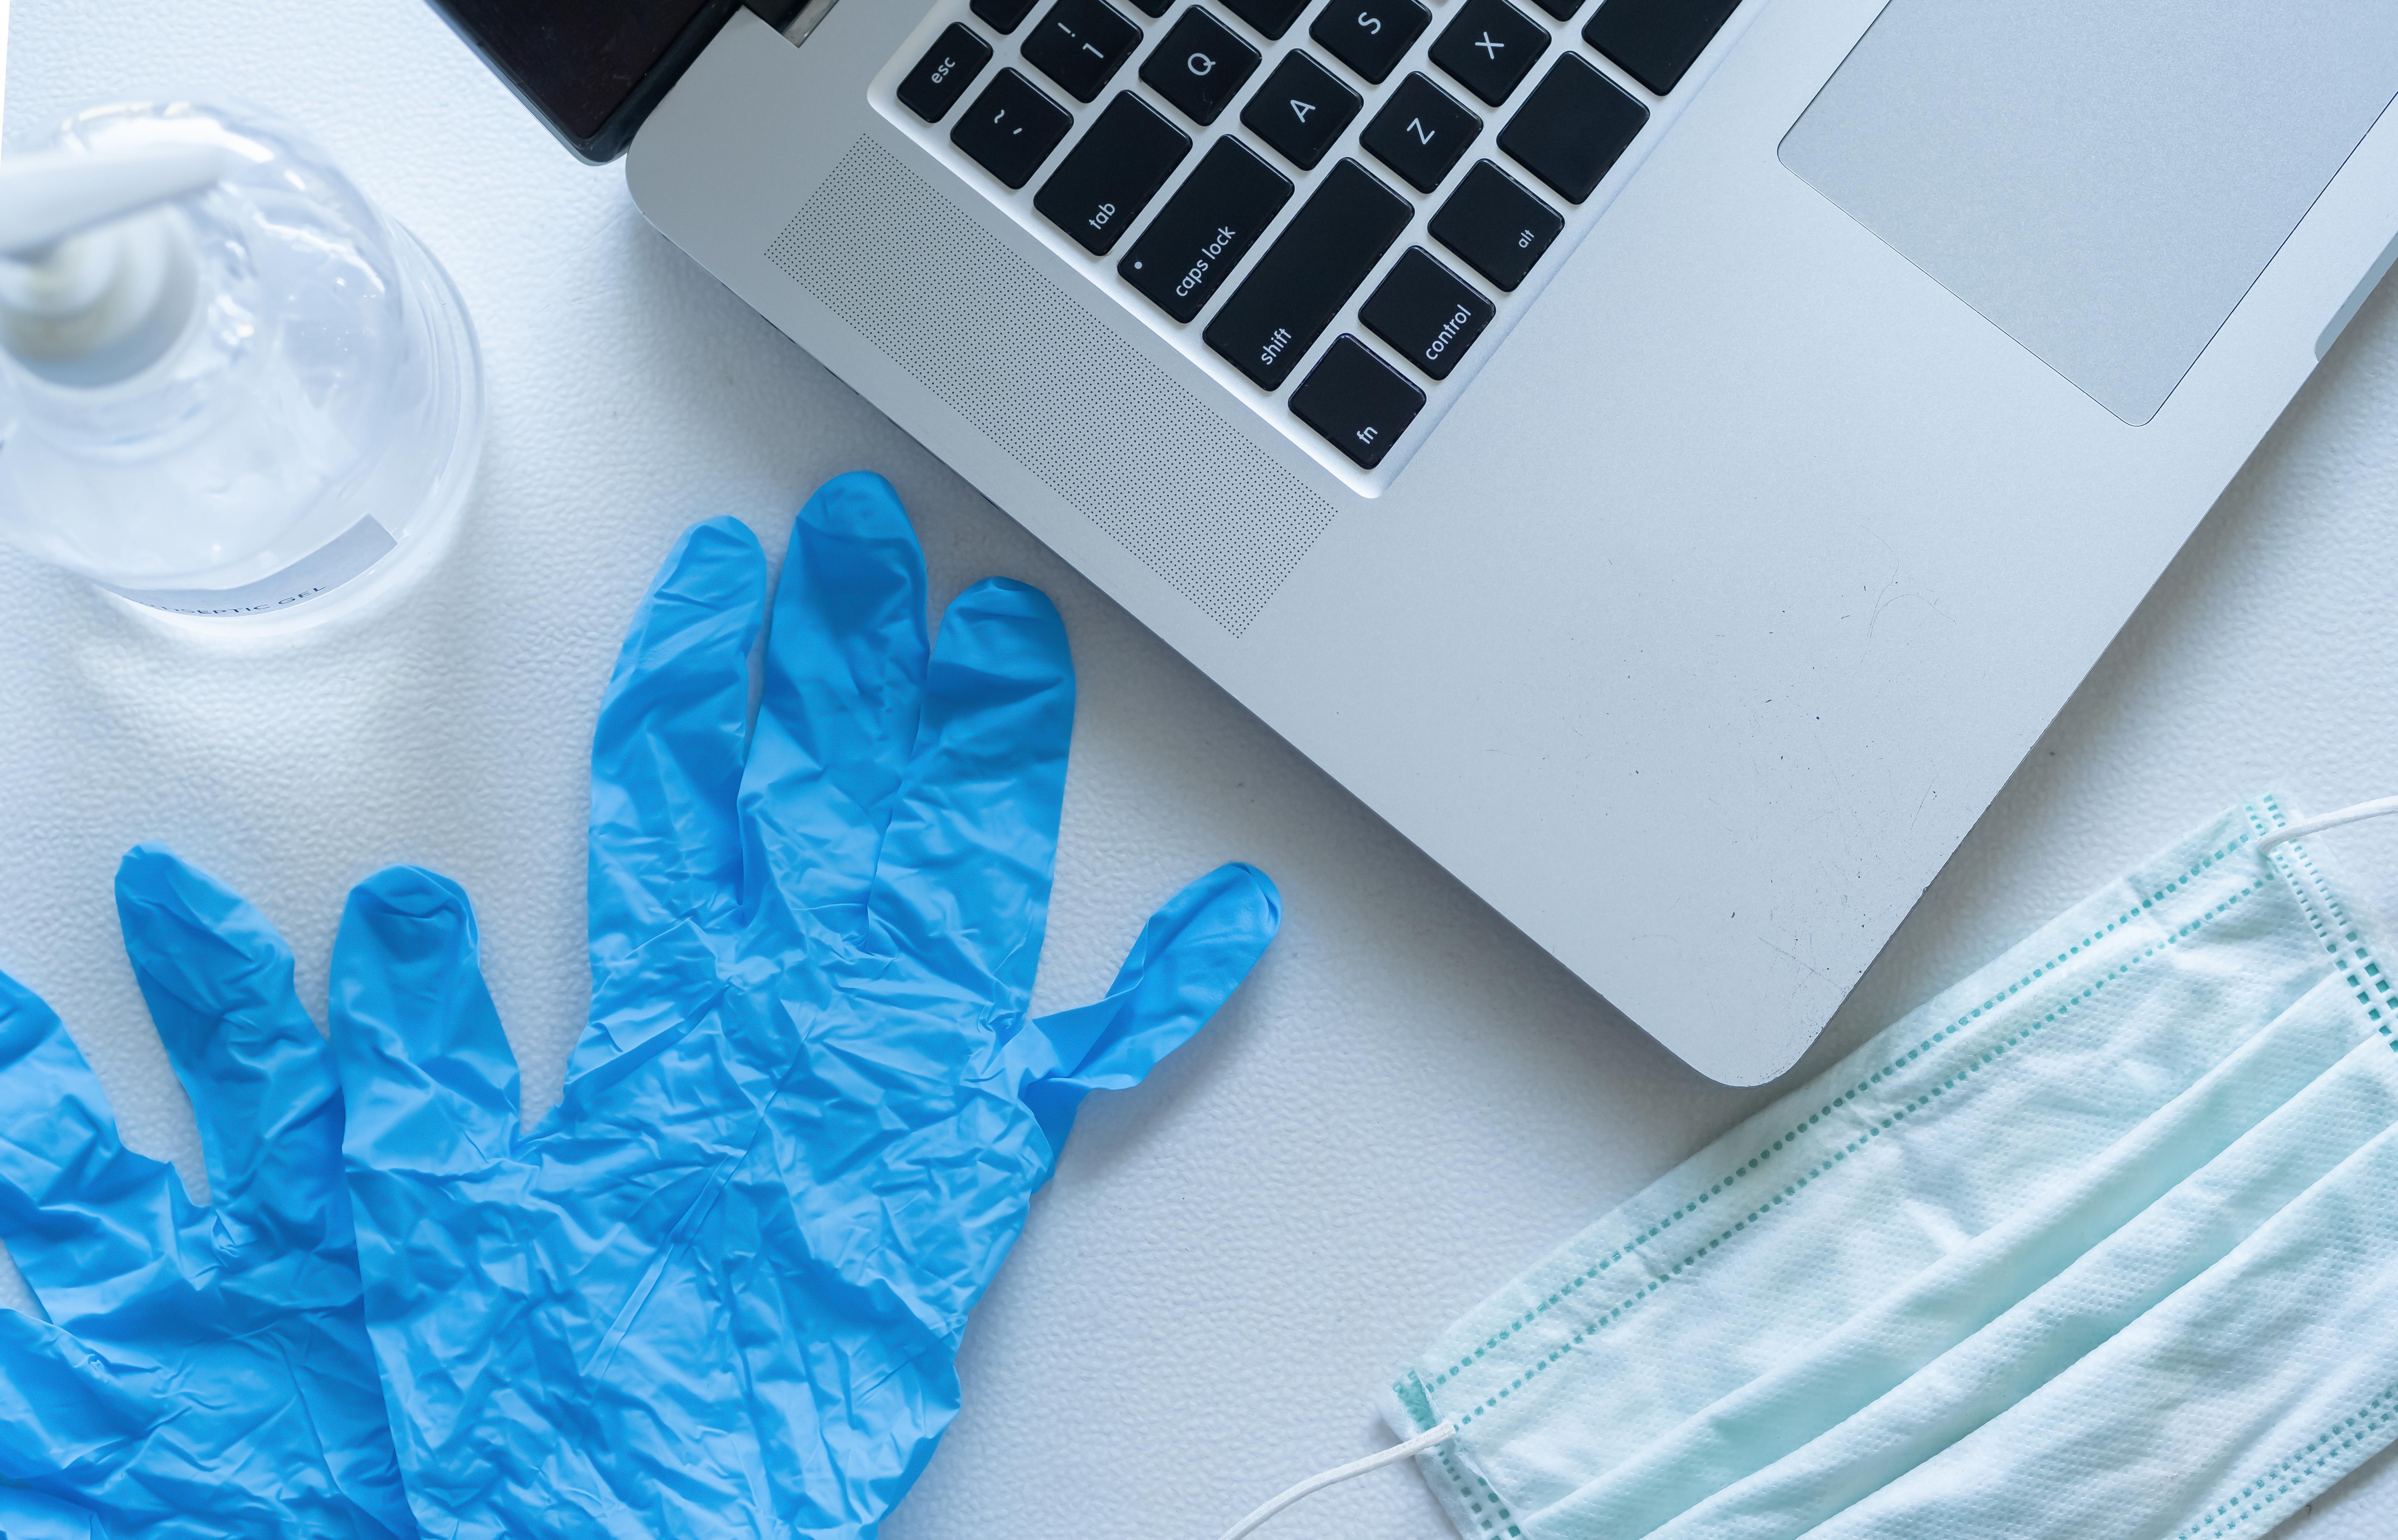 L'épidémie COVID-19 a brutalement modifié l'interaction médecin-patient, la pratique passant de la médecine présentielle (« hands-on ») à la médecine distancielle (« hands-off) (Visuel Adobe Stock 334716473)